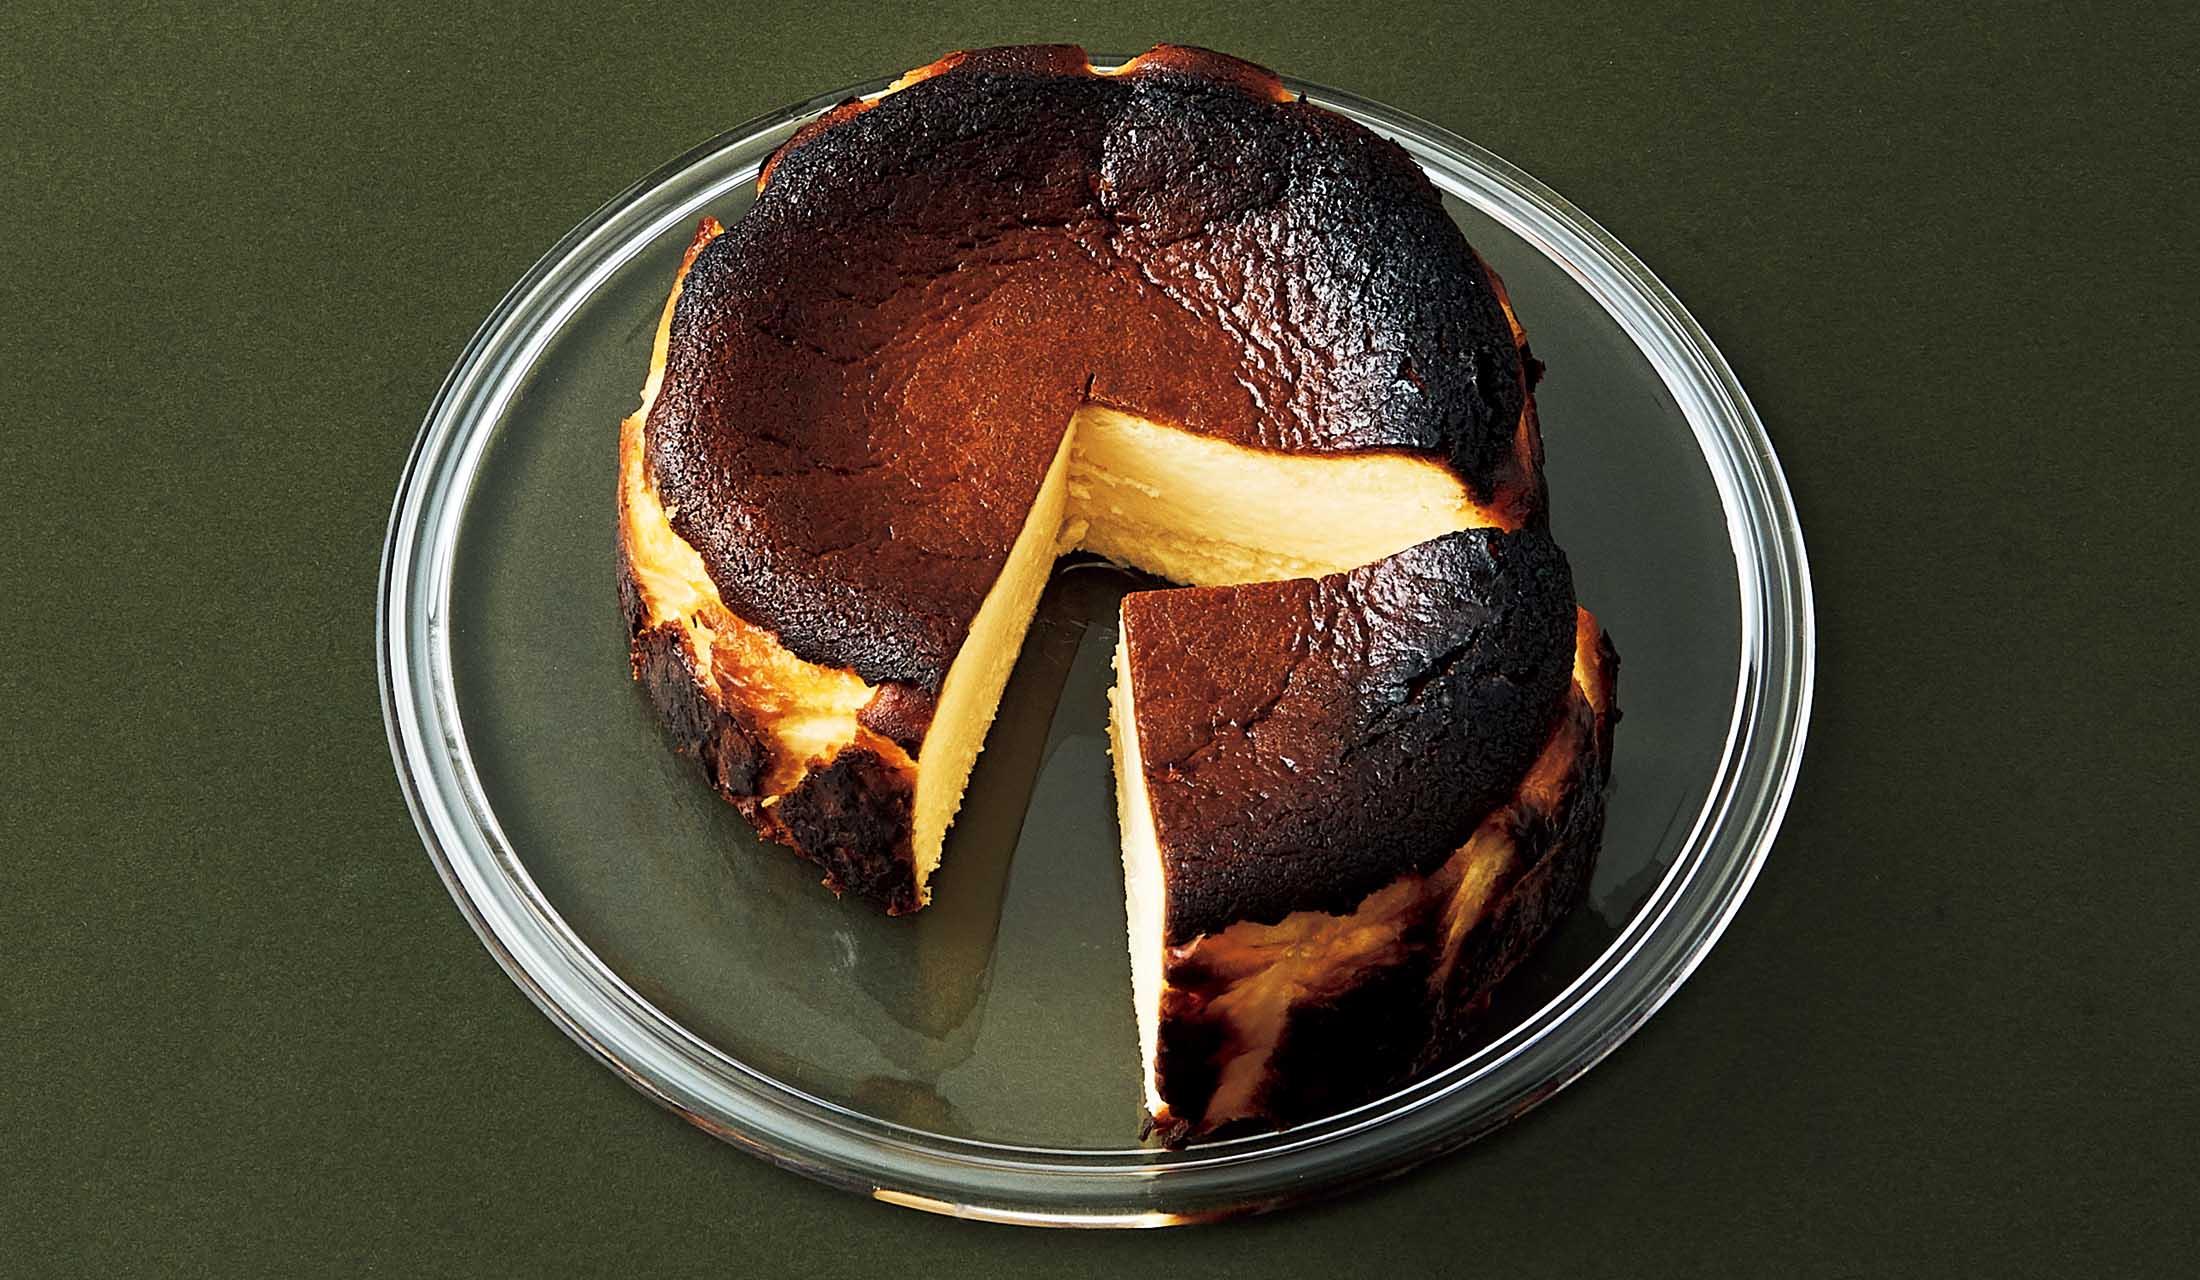 カオリーヌ菓子店のバスクチーズケーキ